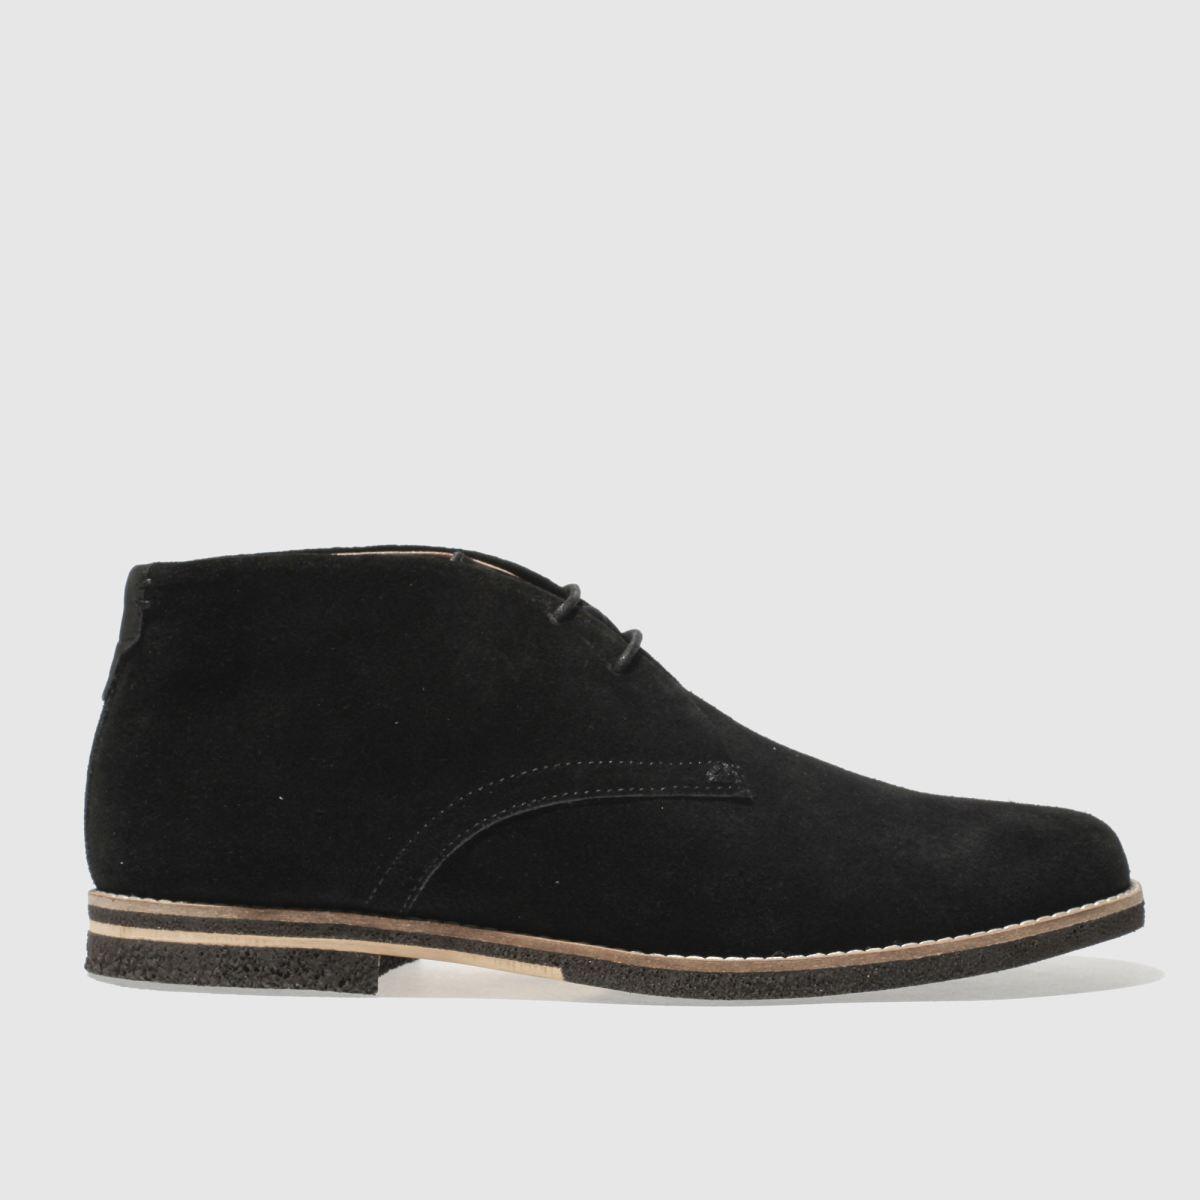 H By Hudson Black Aldershot Boots